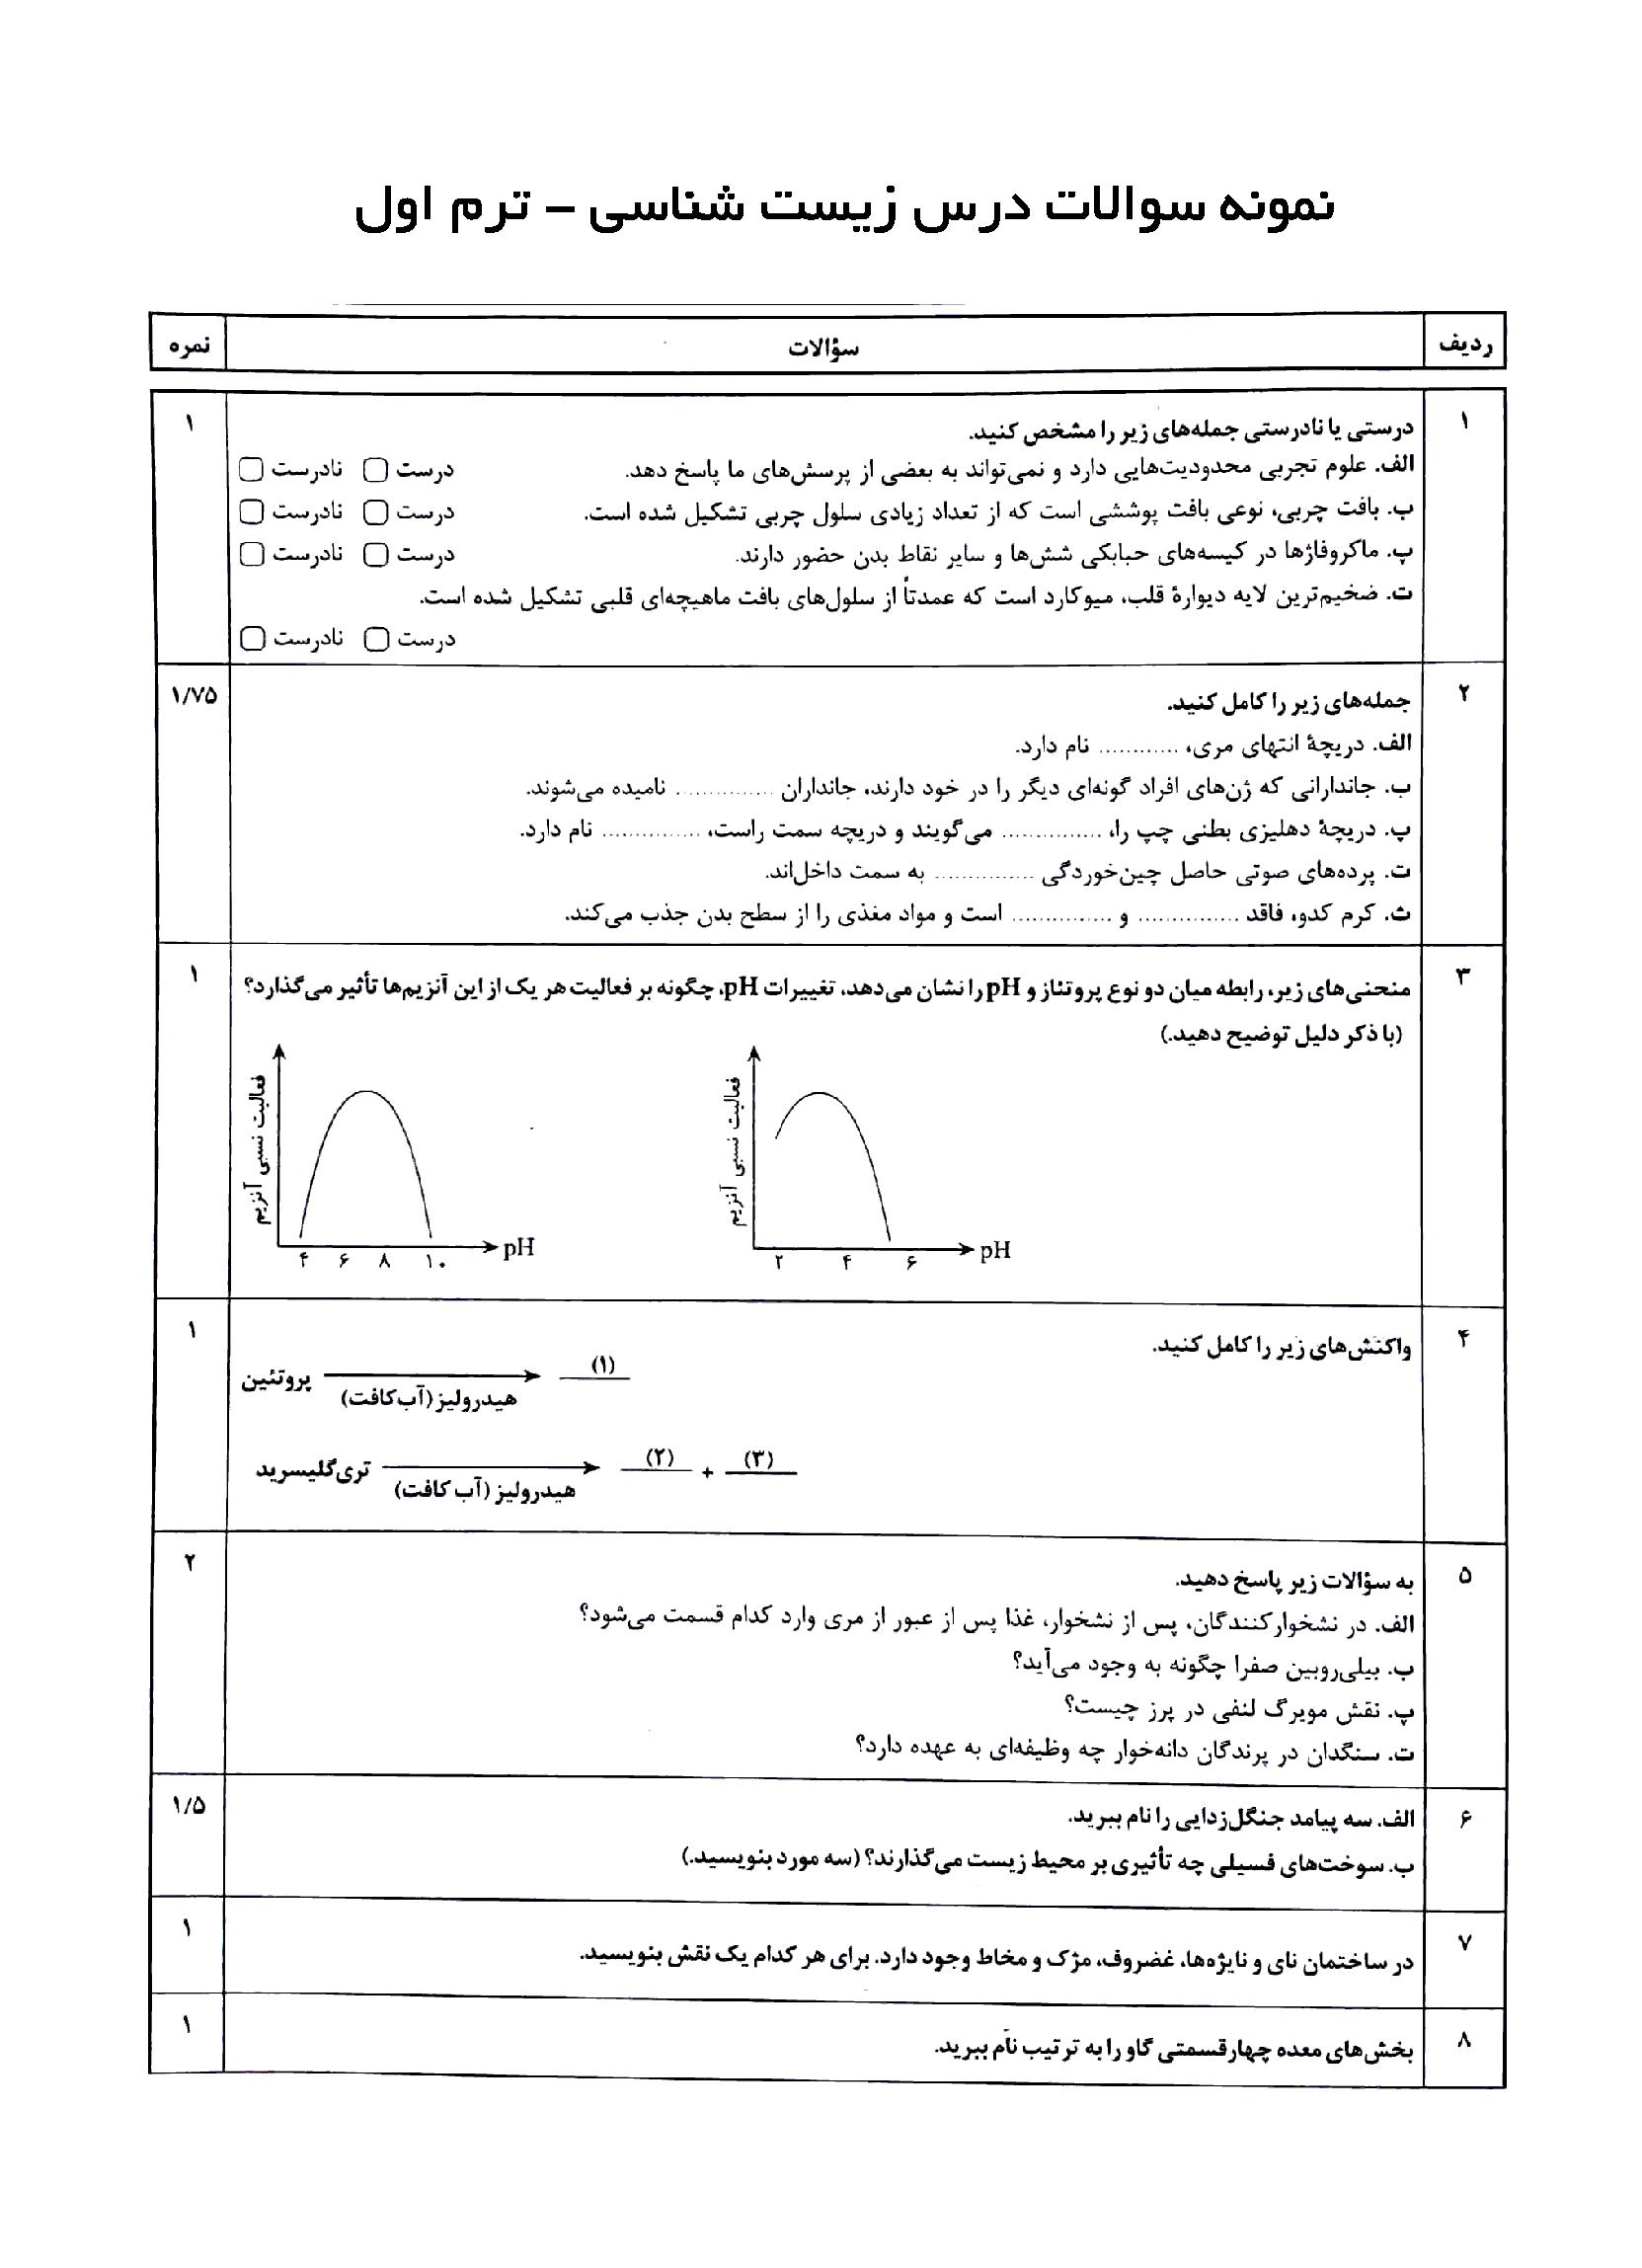 نمونه سوال امتحانی ترم اول زیست شناسی (1) دهم با جواب